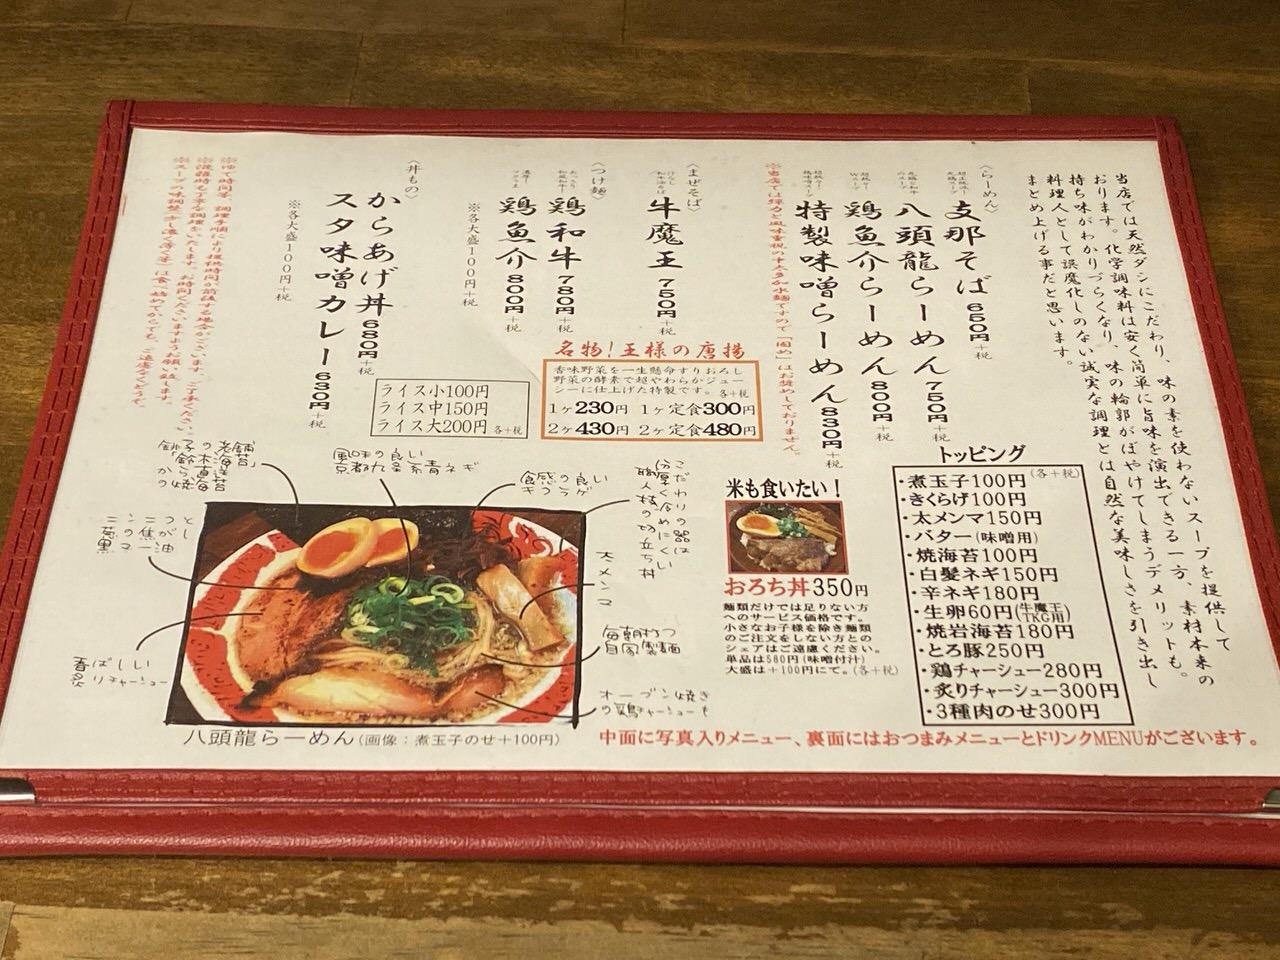 「麺屋 八頭龍(おろち)」八頭龍ラーメン 4